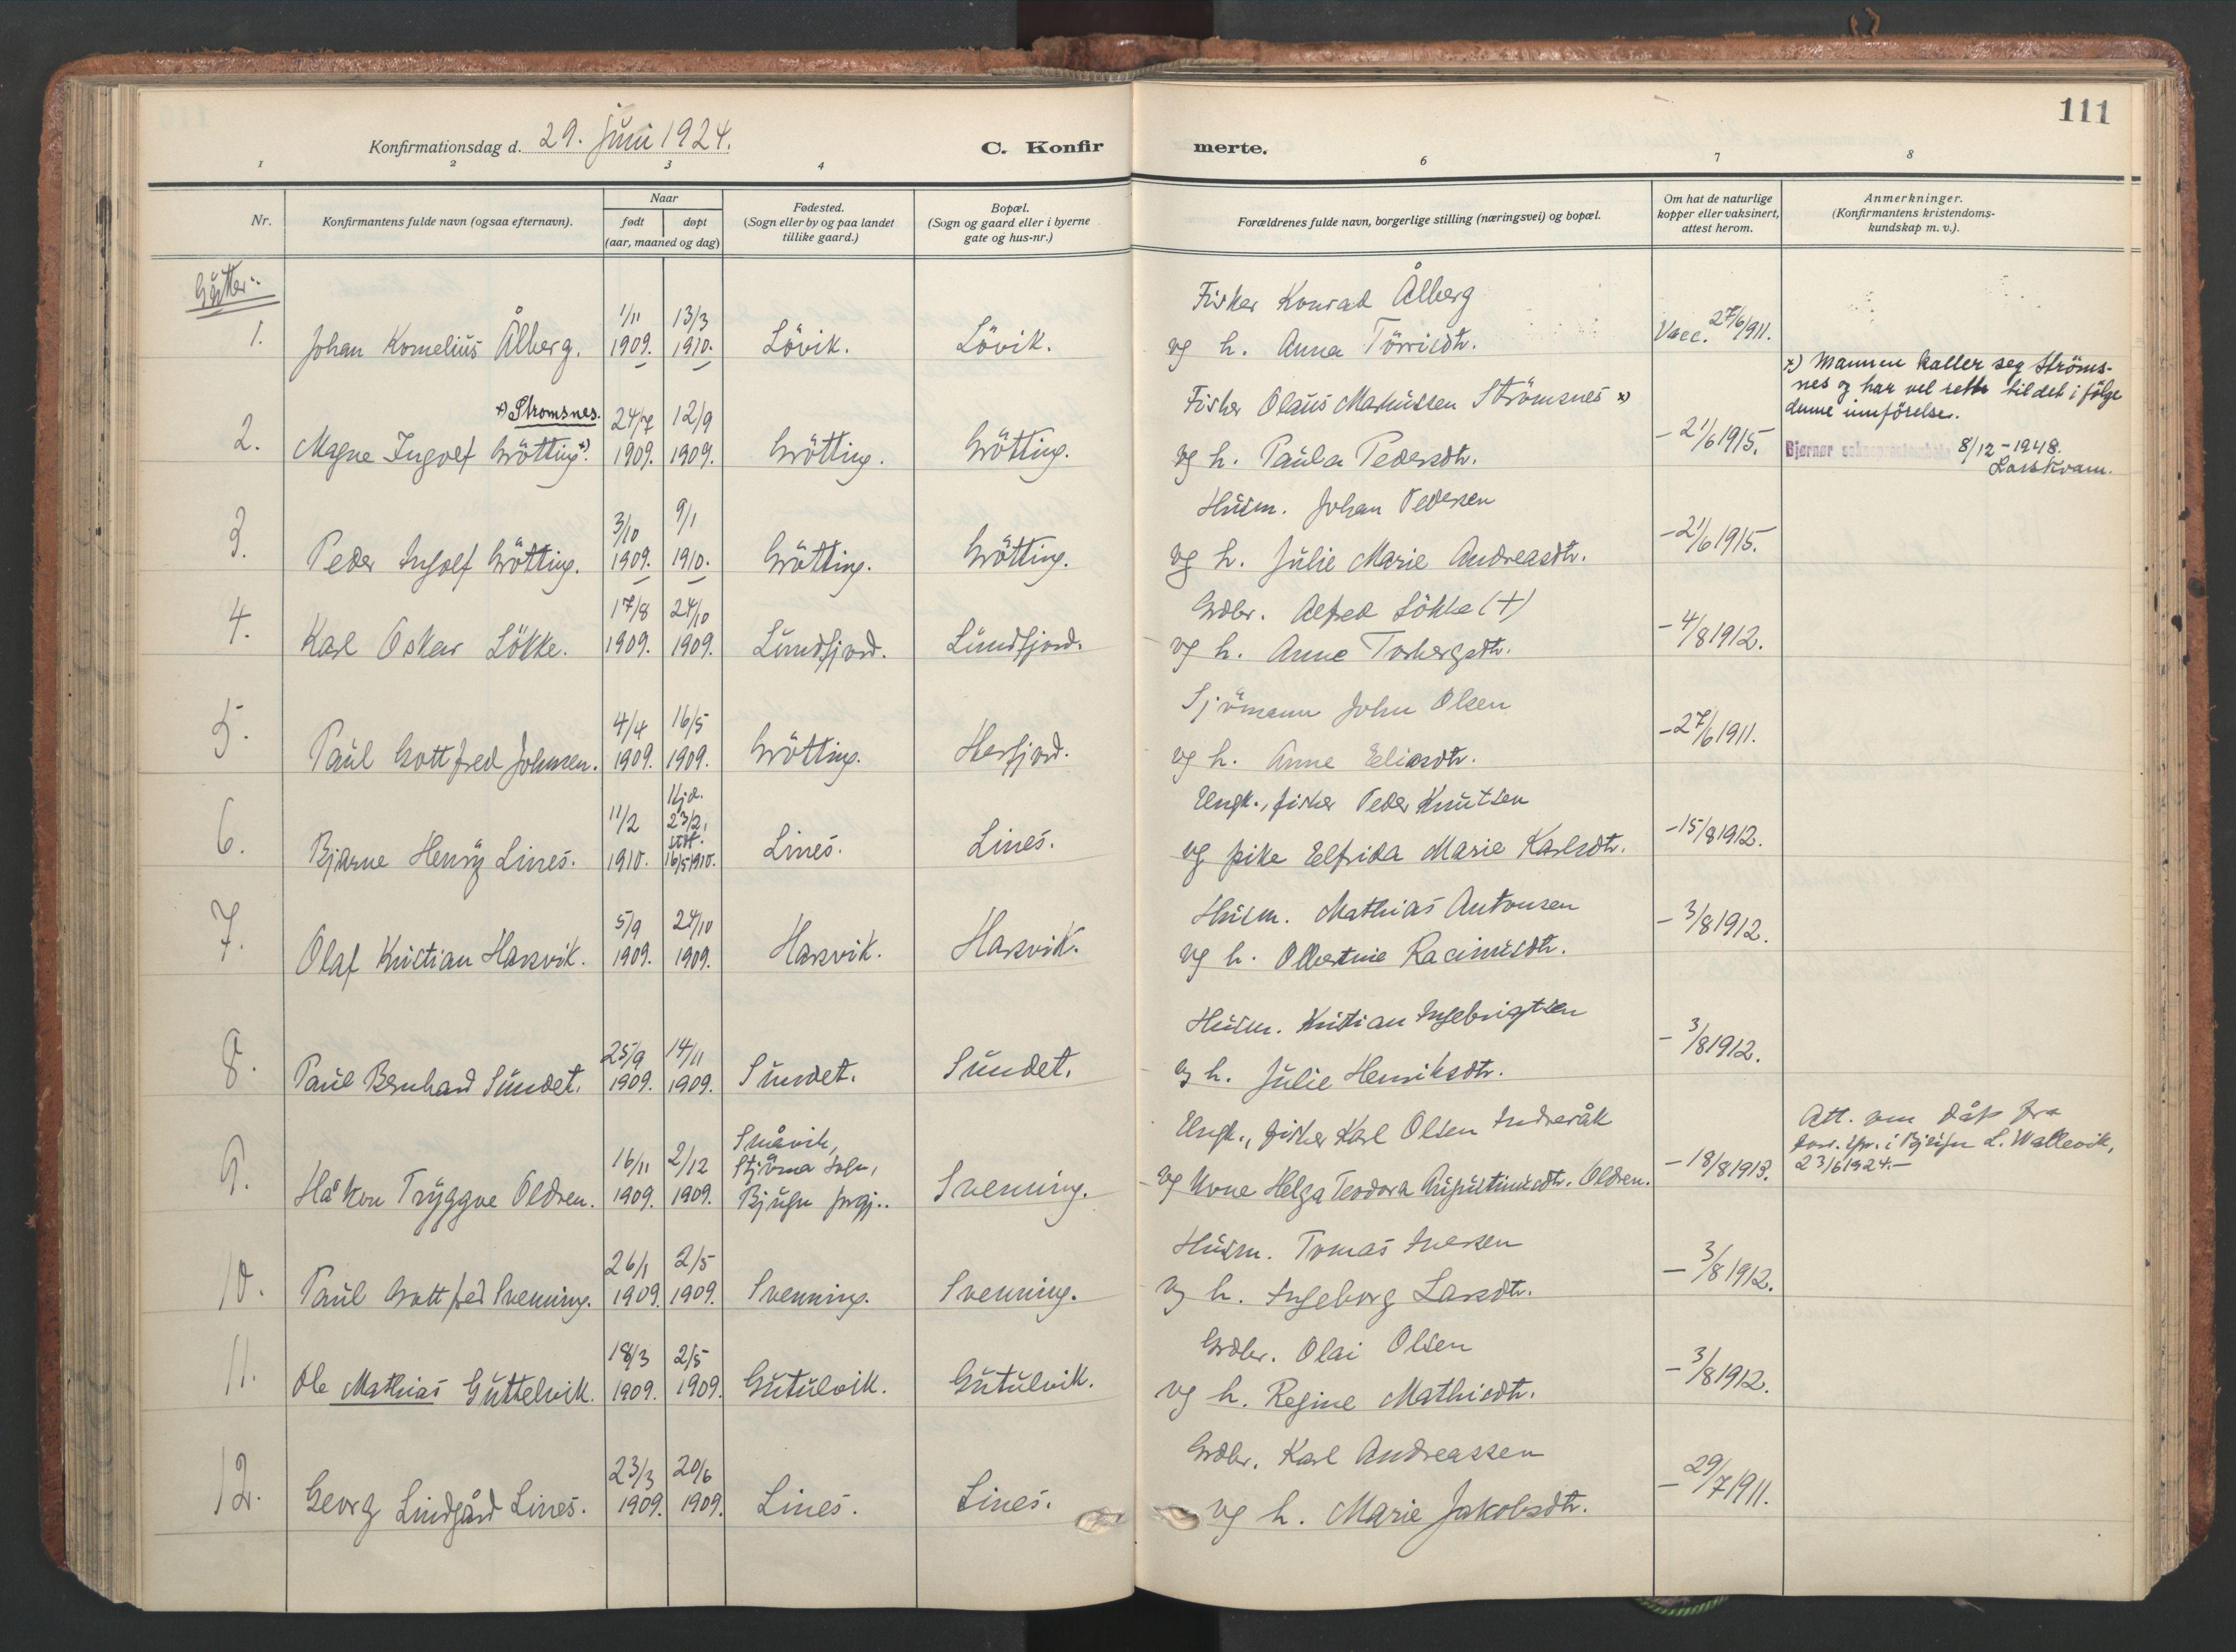 SAT, Ministerialprotokoller, klokkerbøker og fødselsregistre - Sør-Trøndelag, 656/L0694: Ministerialbok nr. 656A03, 1914-1931, s. 111